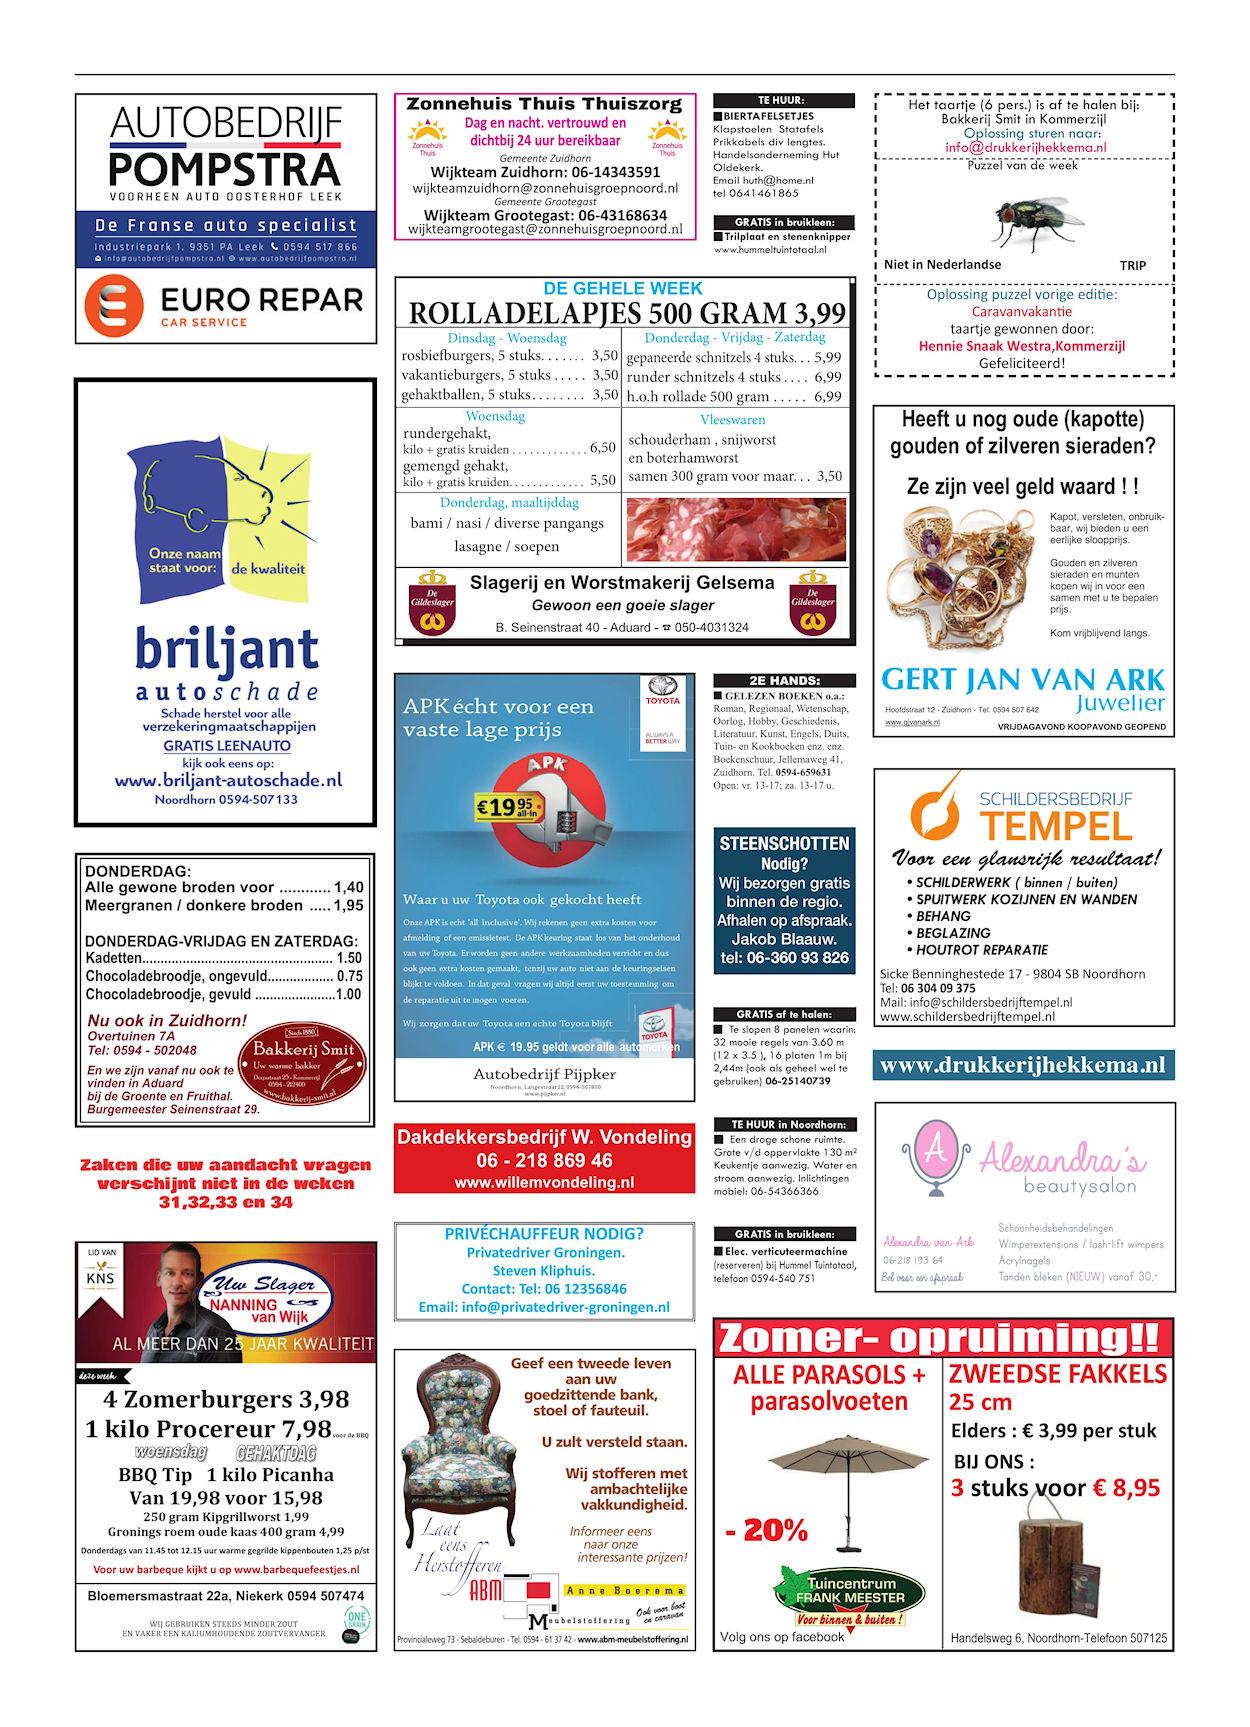 Drukkerij Hekkema - Zuidhorn - Zaken die uw aandacht vragen - 2018 week 30 (2)